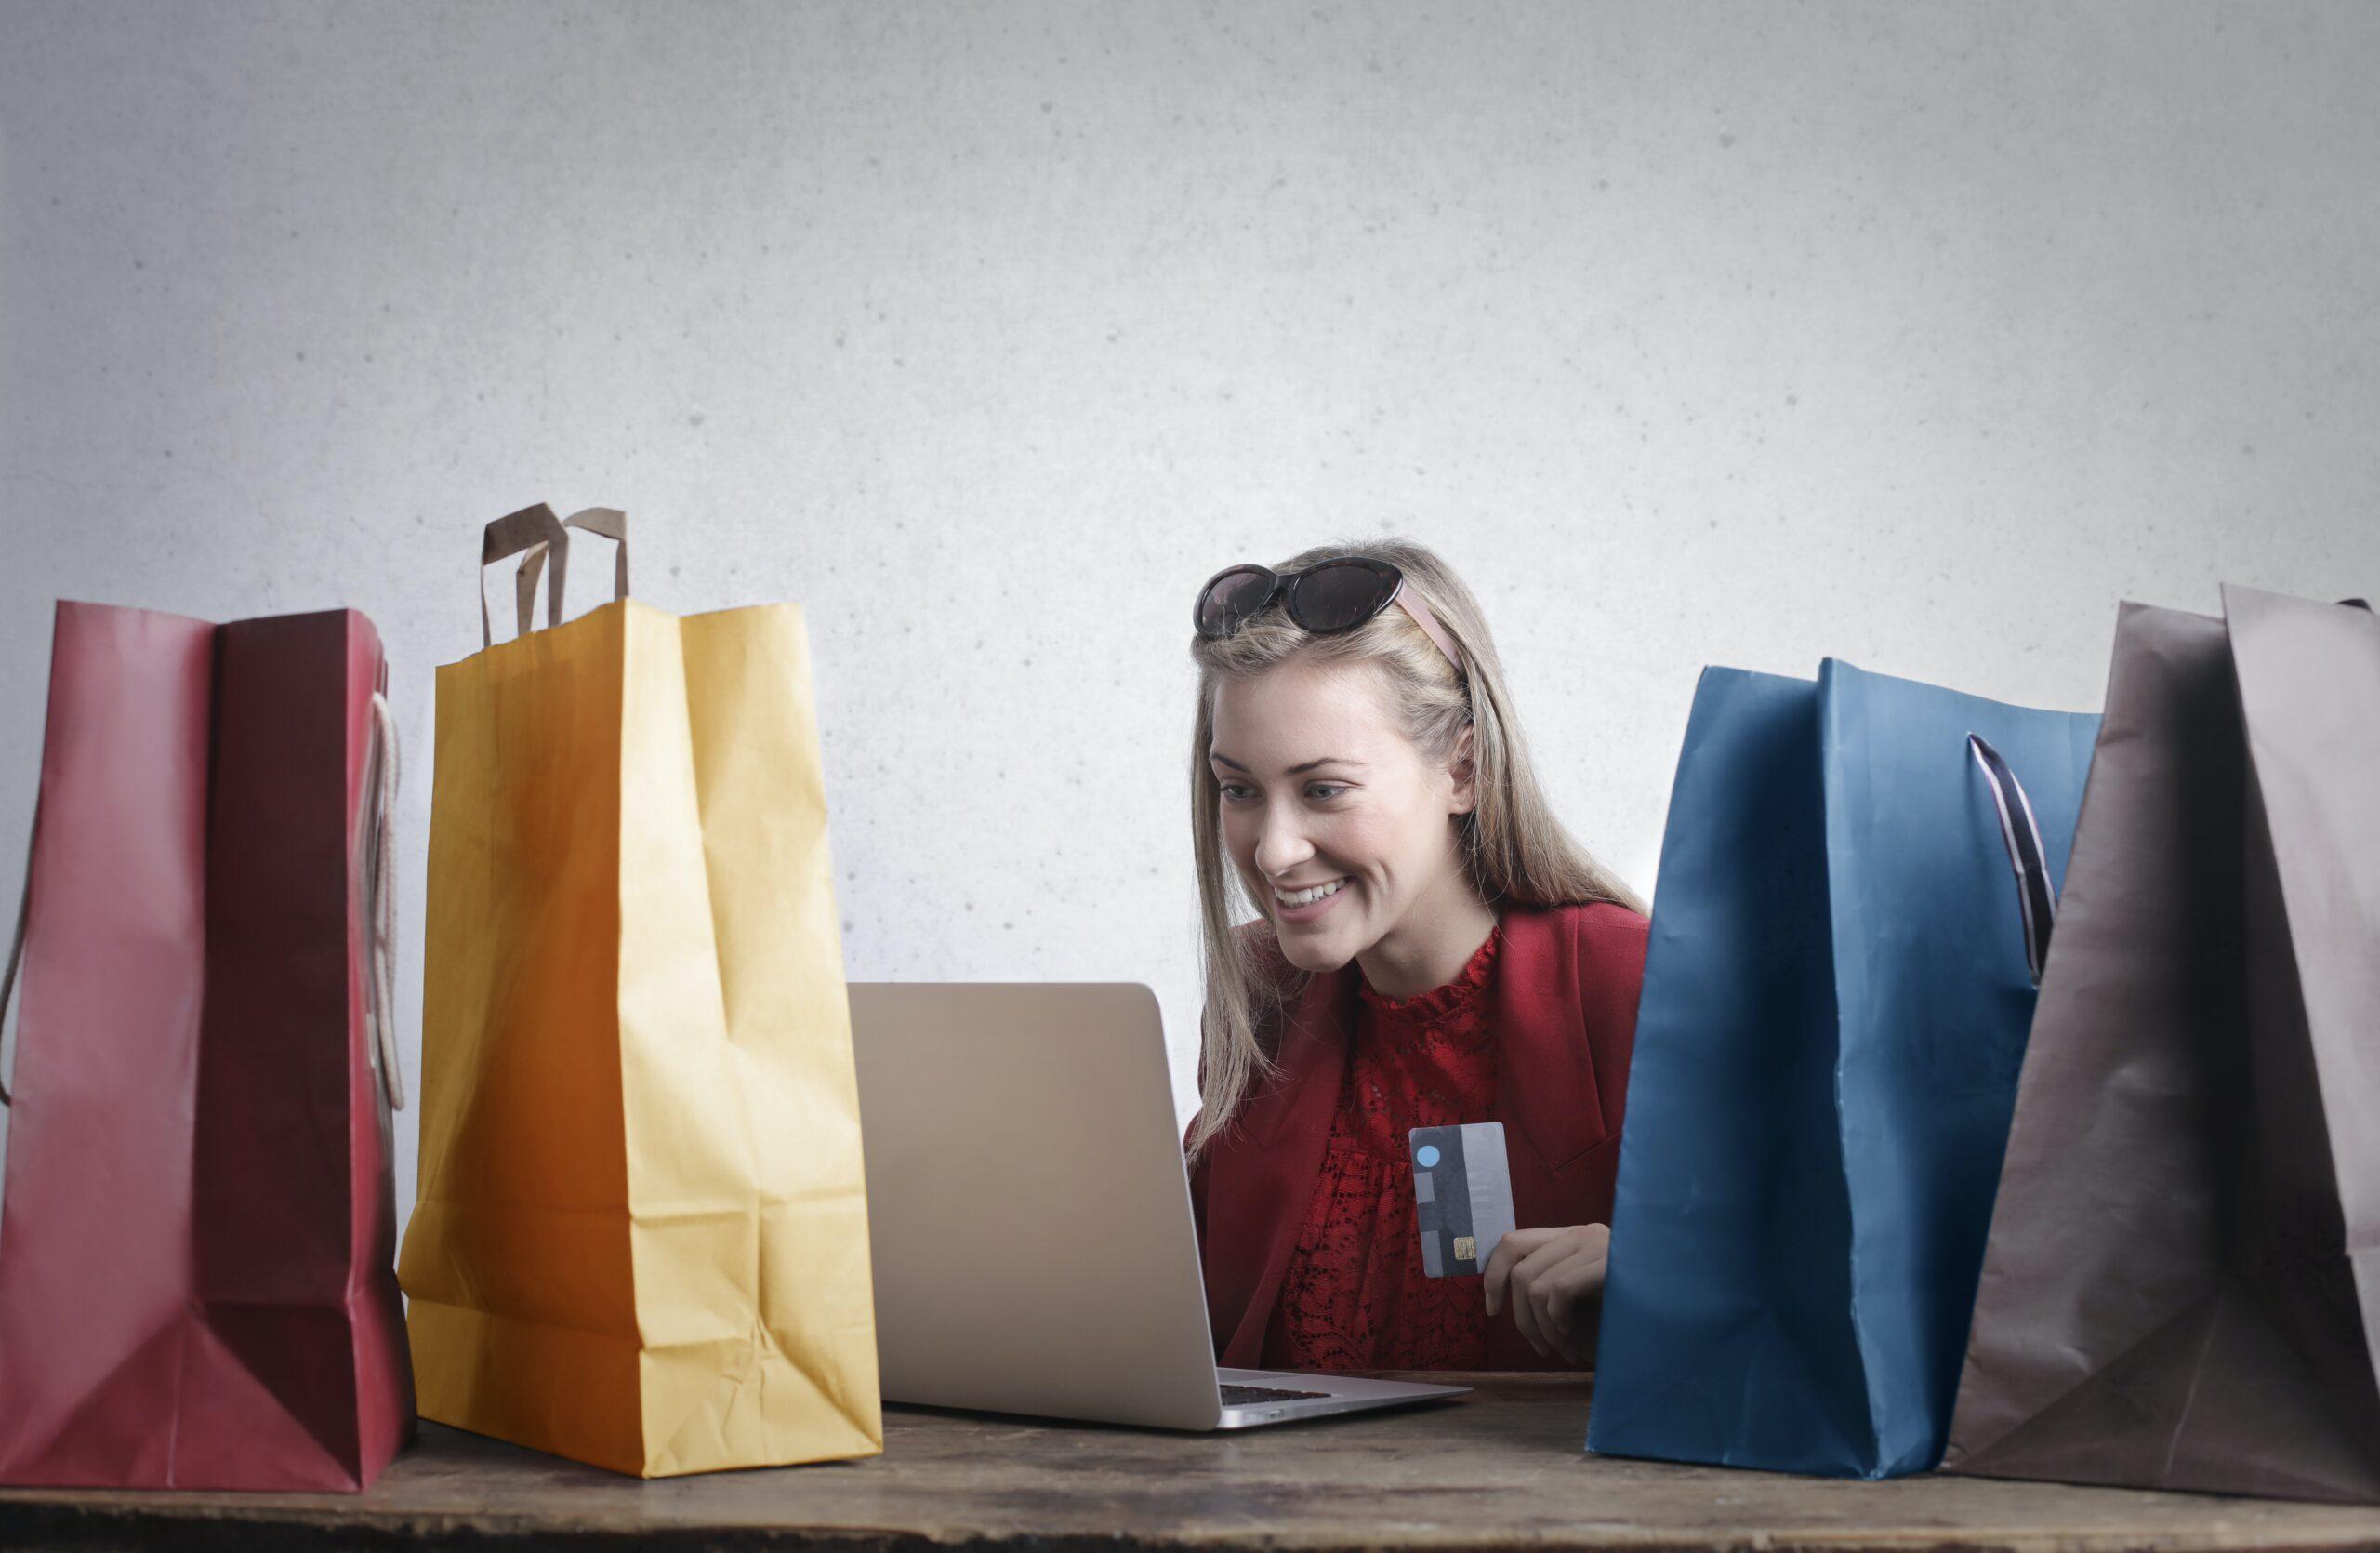 購買意欲を刺激するユニークな動画